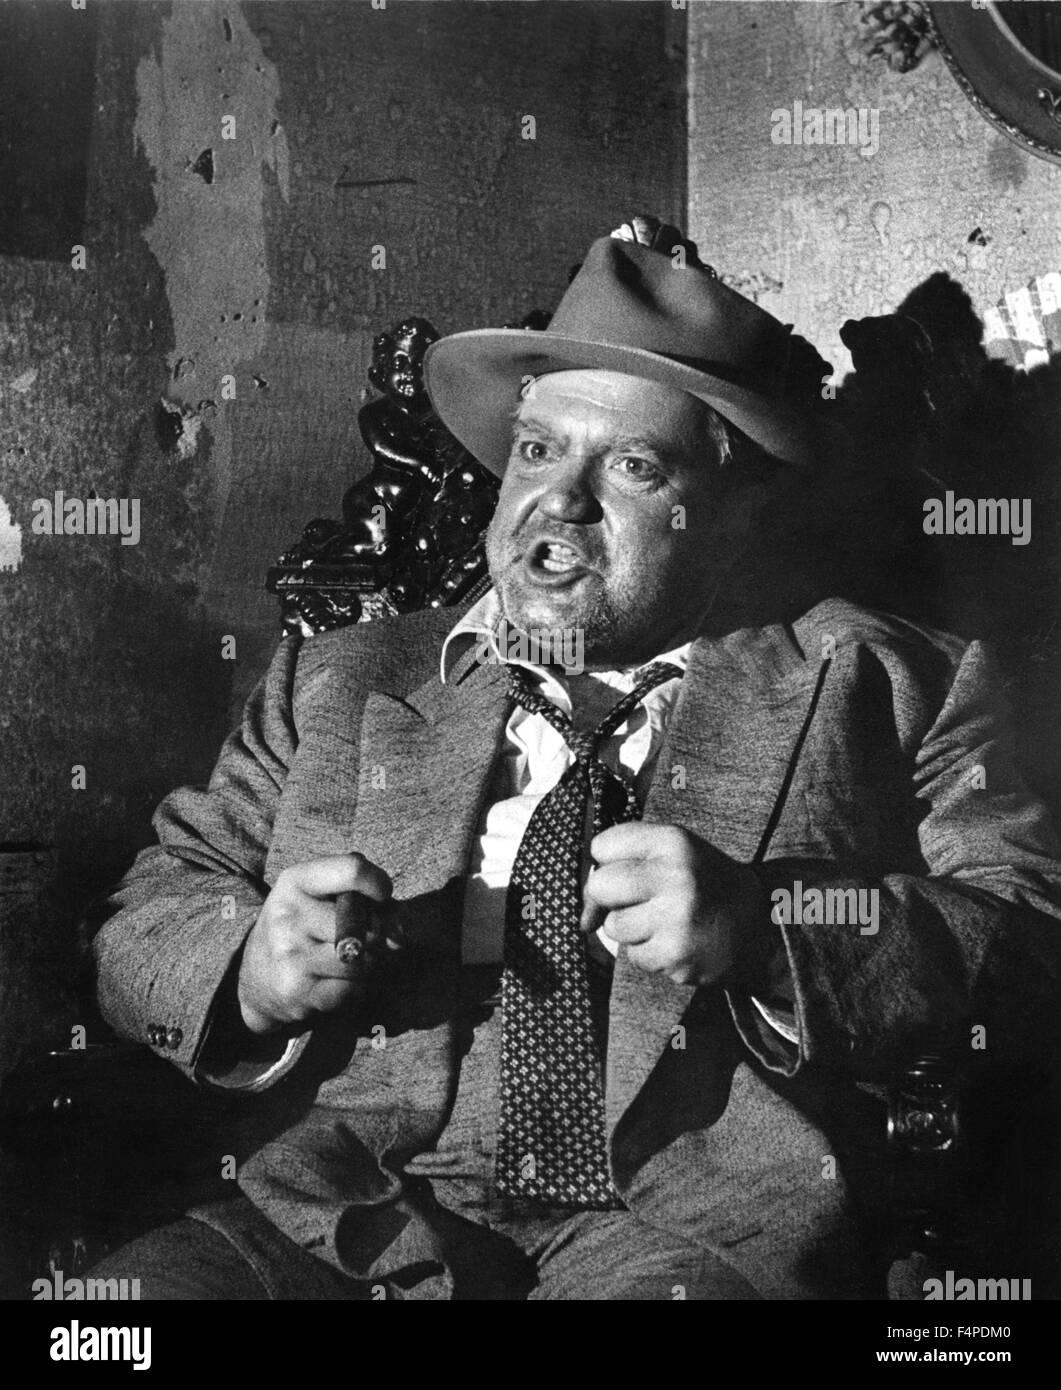 Orson Welles / Touch Of Evil 1958 unter der Regie von Orson Welles Stockbild